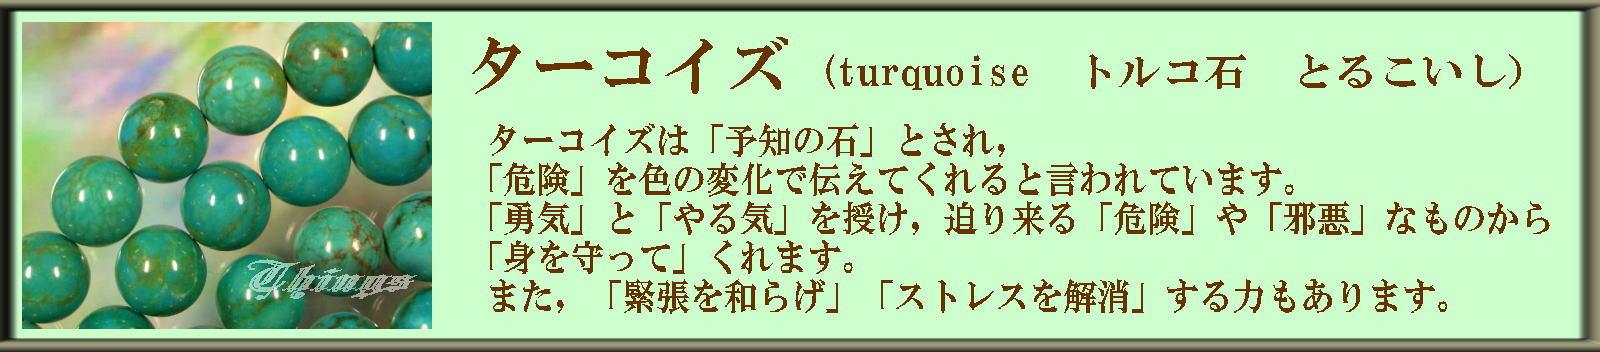 ◆ターコイズ turquoise トルコ石 とるこいし◆